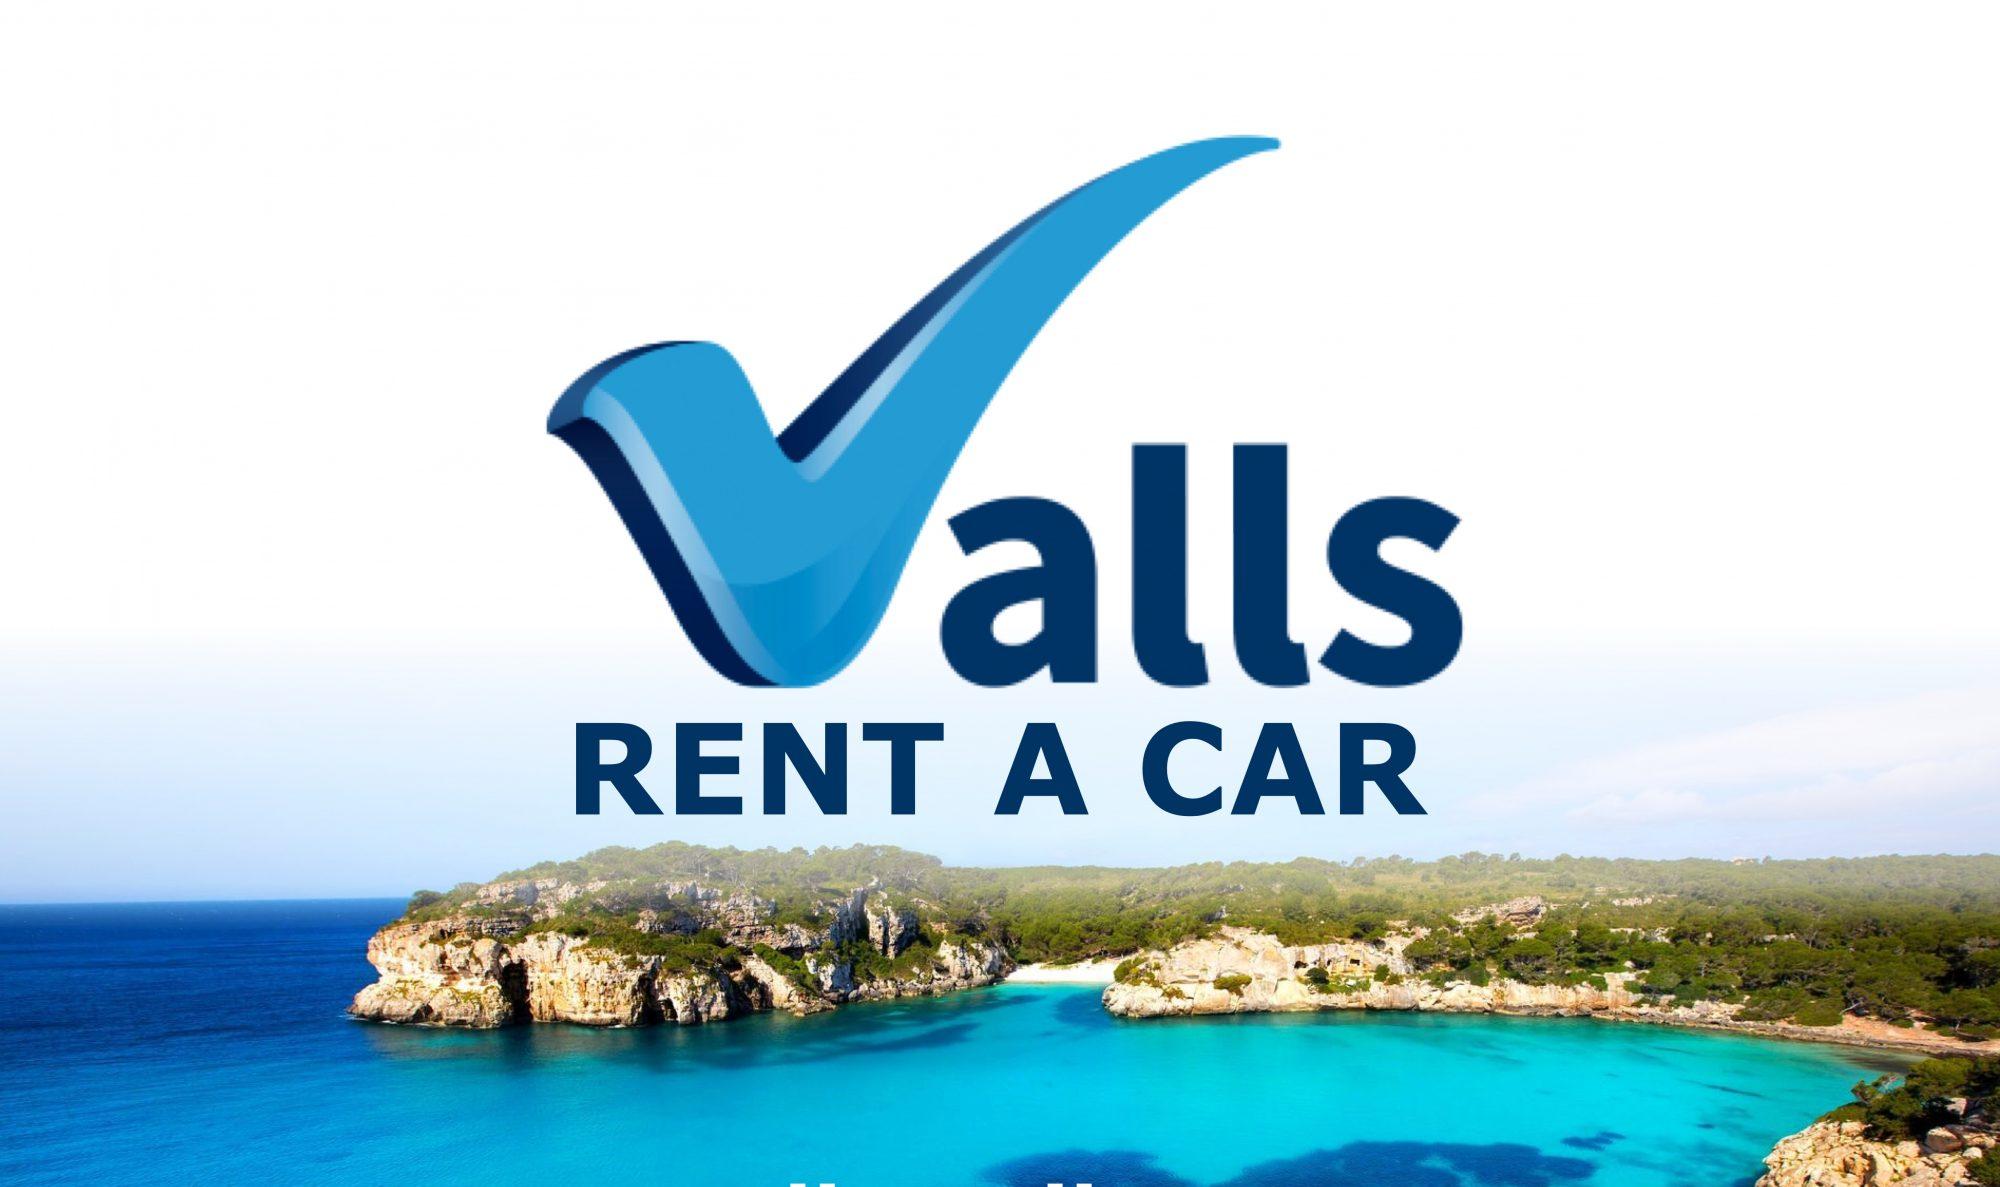 Valls Rent a Car Mallorca